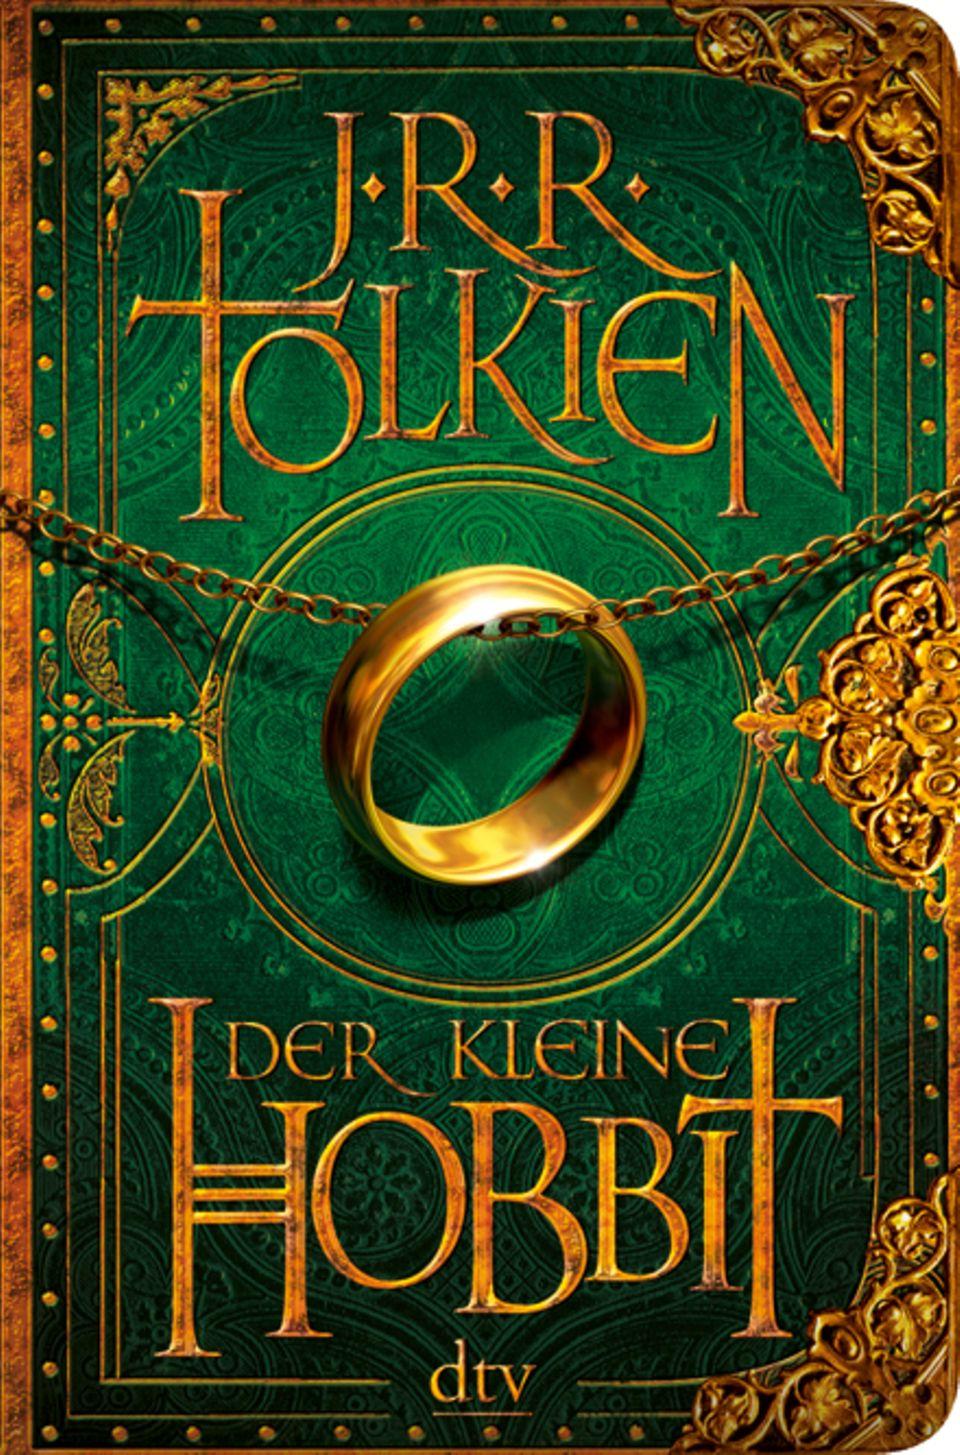 """Das Buch, auf dem alles basiert: """"Der kleine Hobbit"""" von J.R.R. Tolkien."""